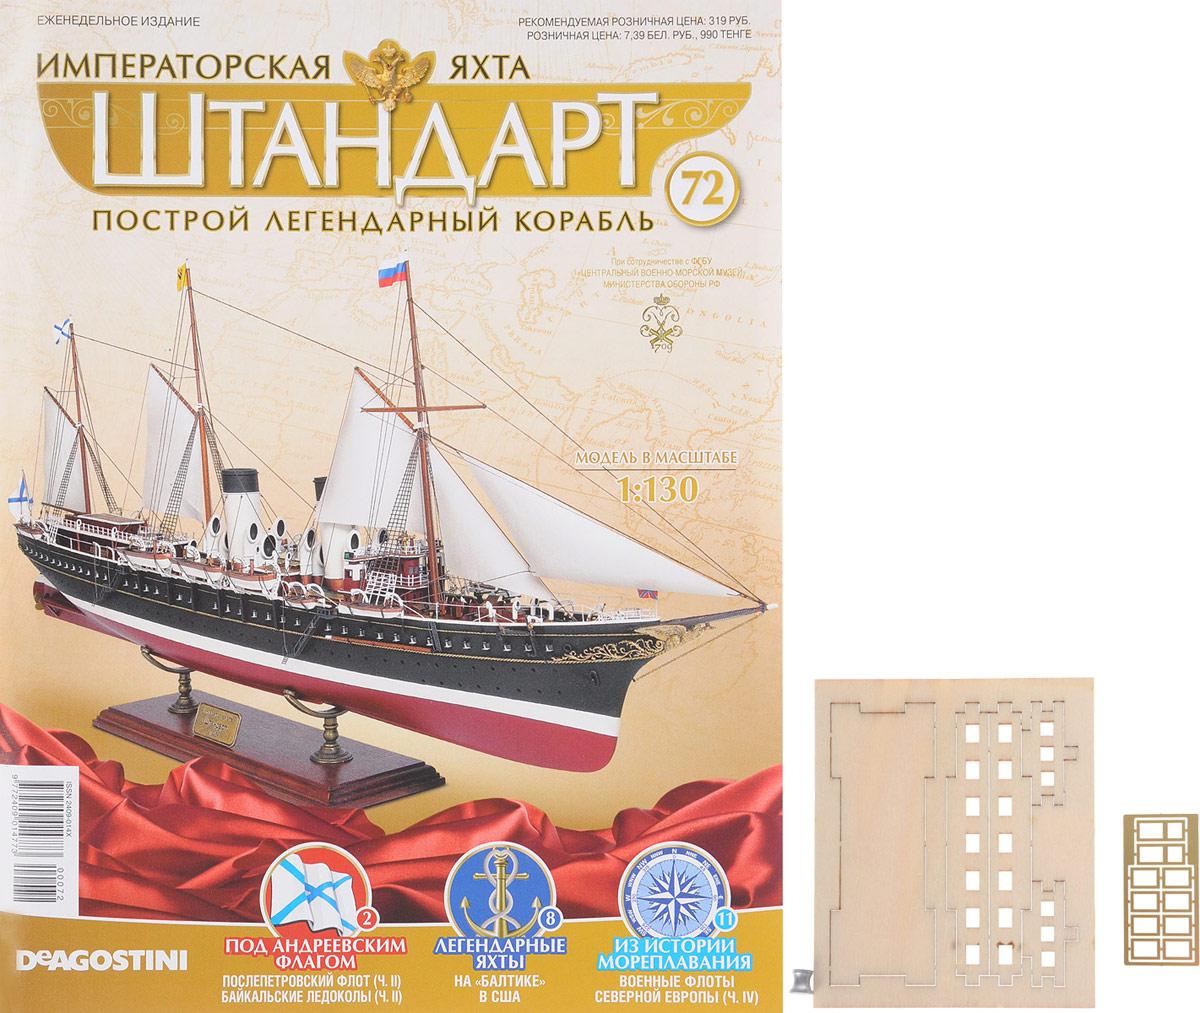 Журнал Императорская яхтаШТАНДАРТ №72